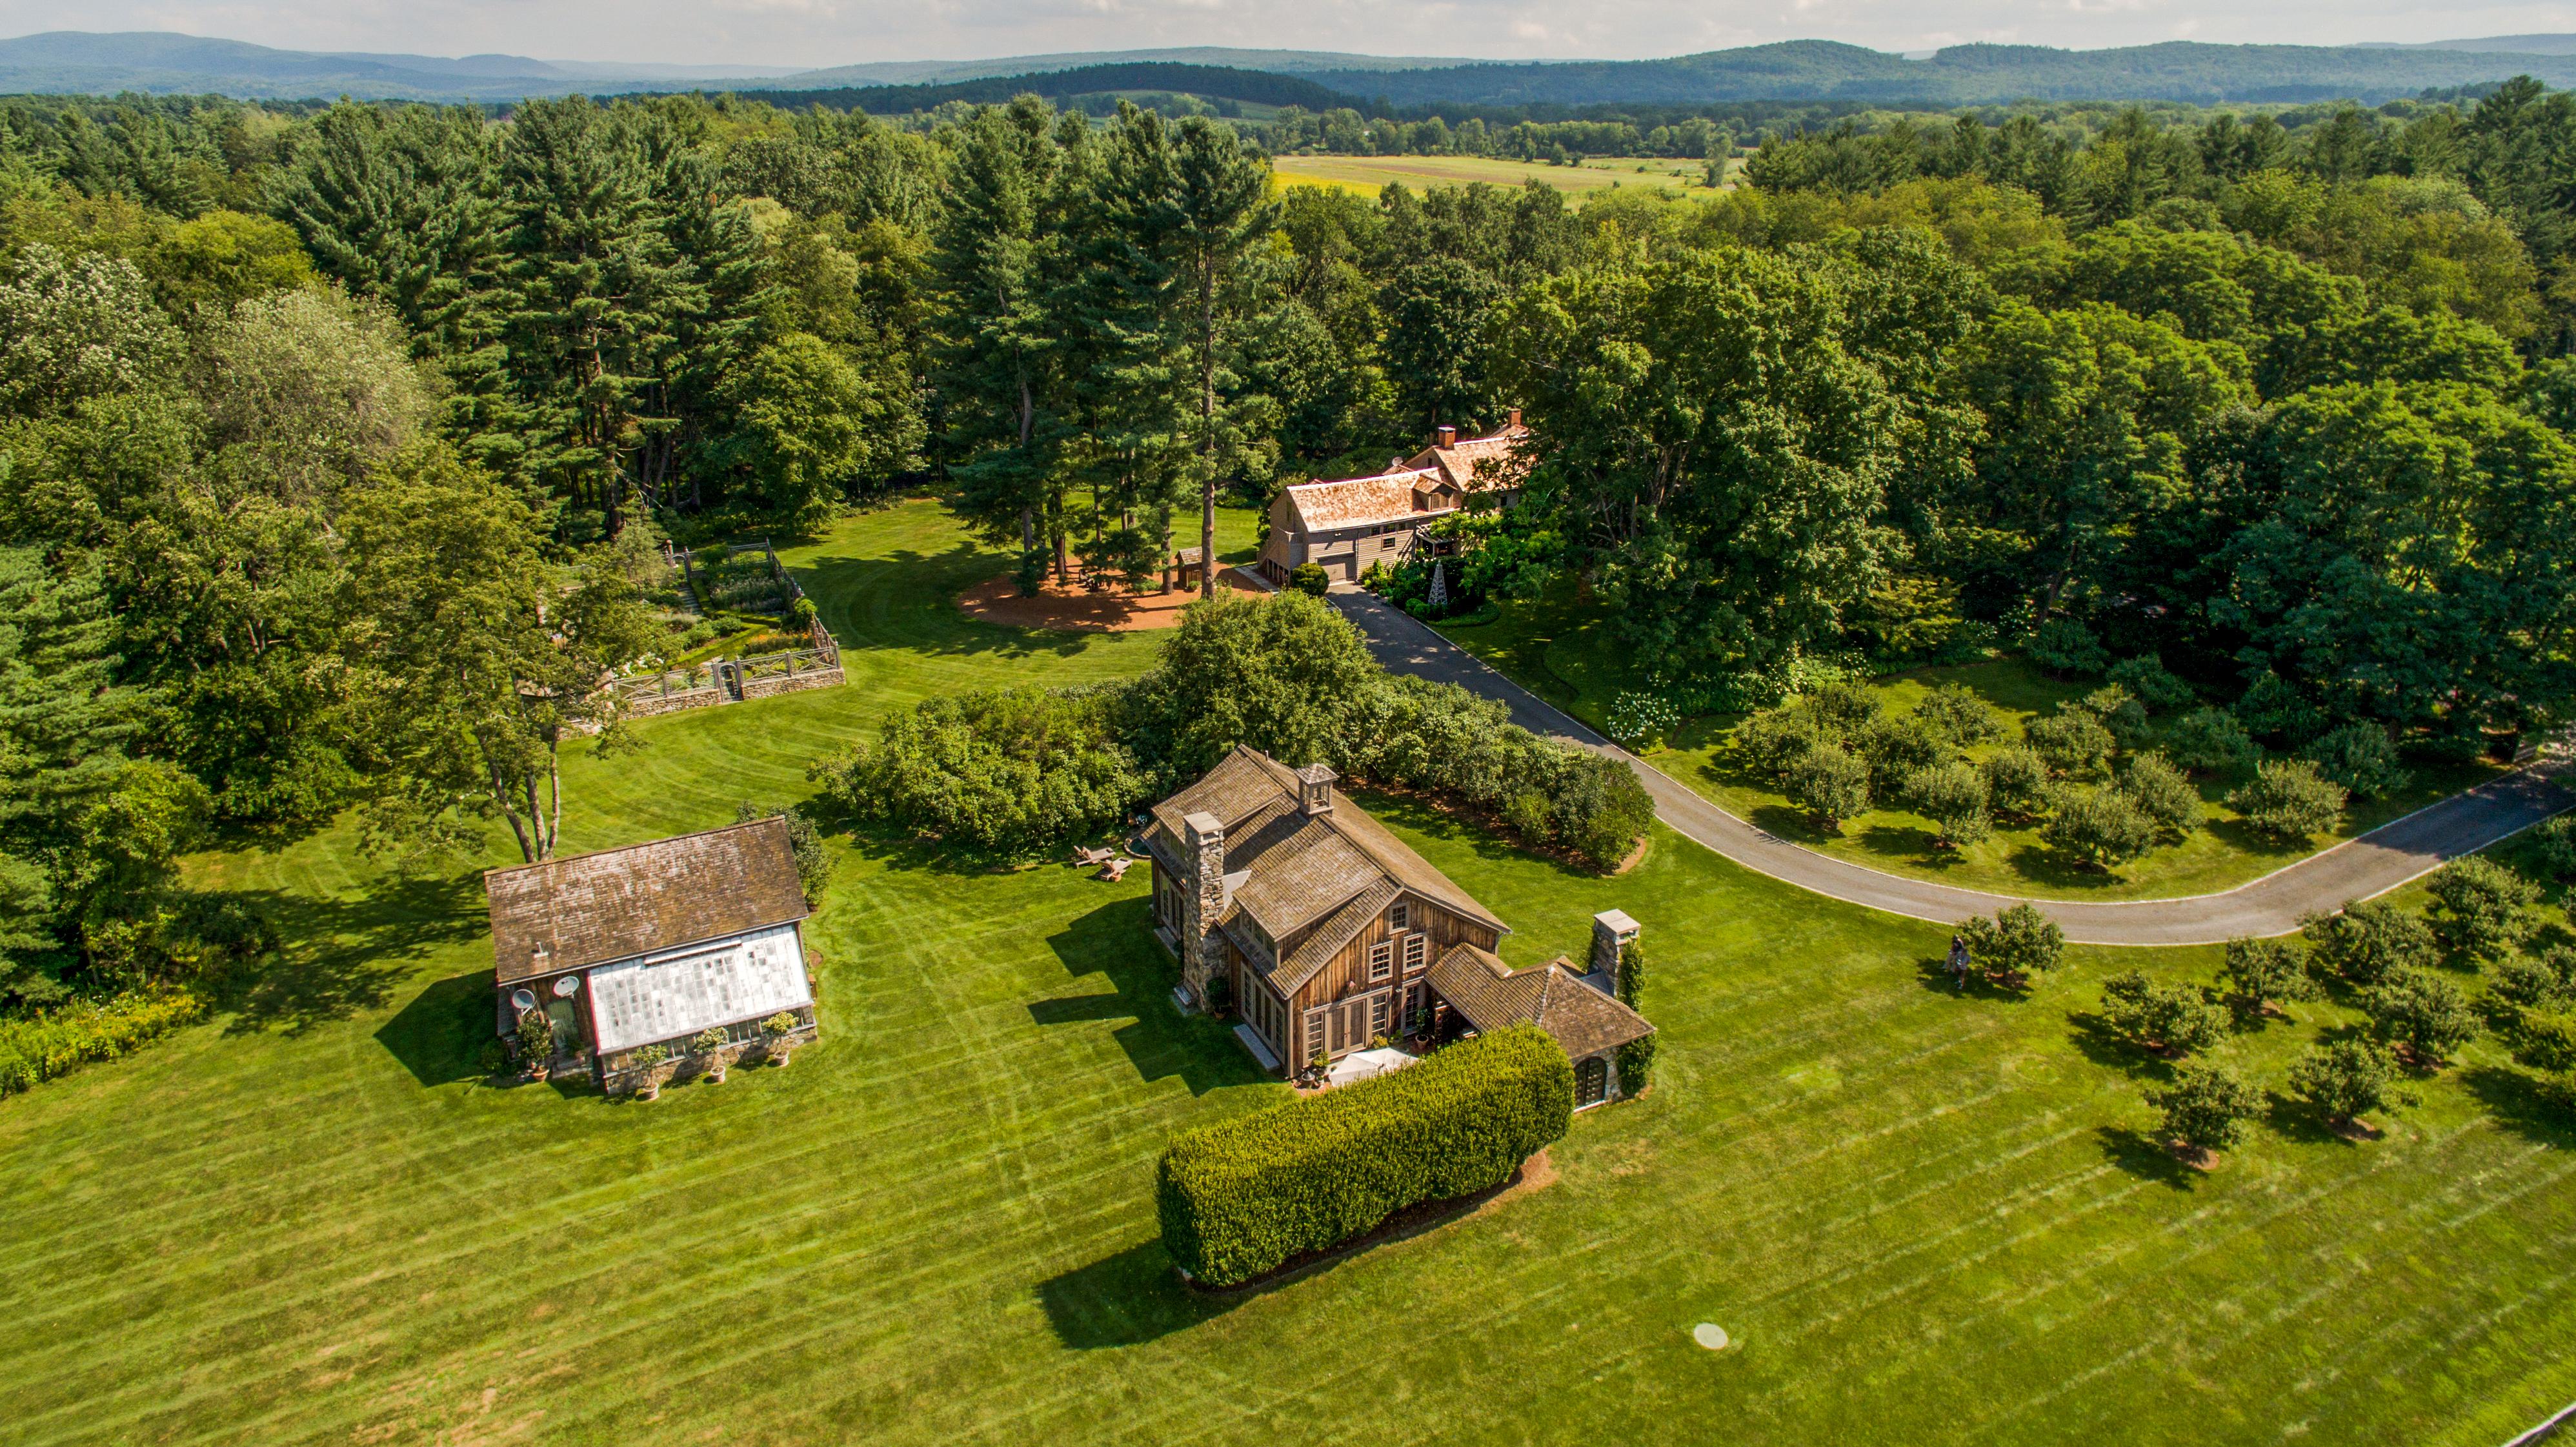 Maison unifamiliale pour l Vente à BULL HILL FARM - HISTORY AND ELEGANCE REDUX 514 Rannapo Rd Sheffield, Massachusetts 01257 États-Unis